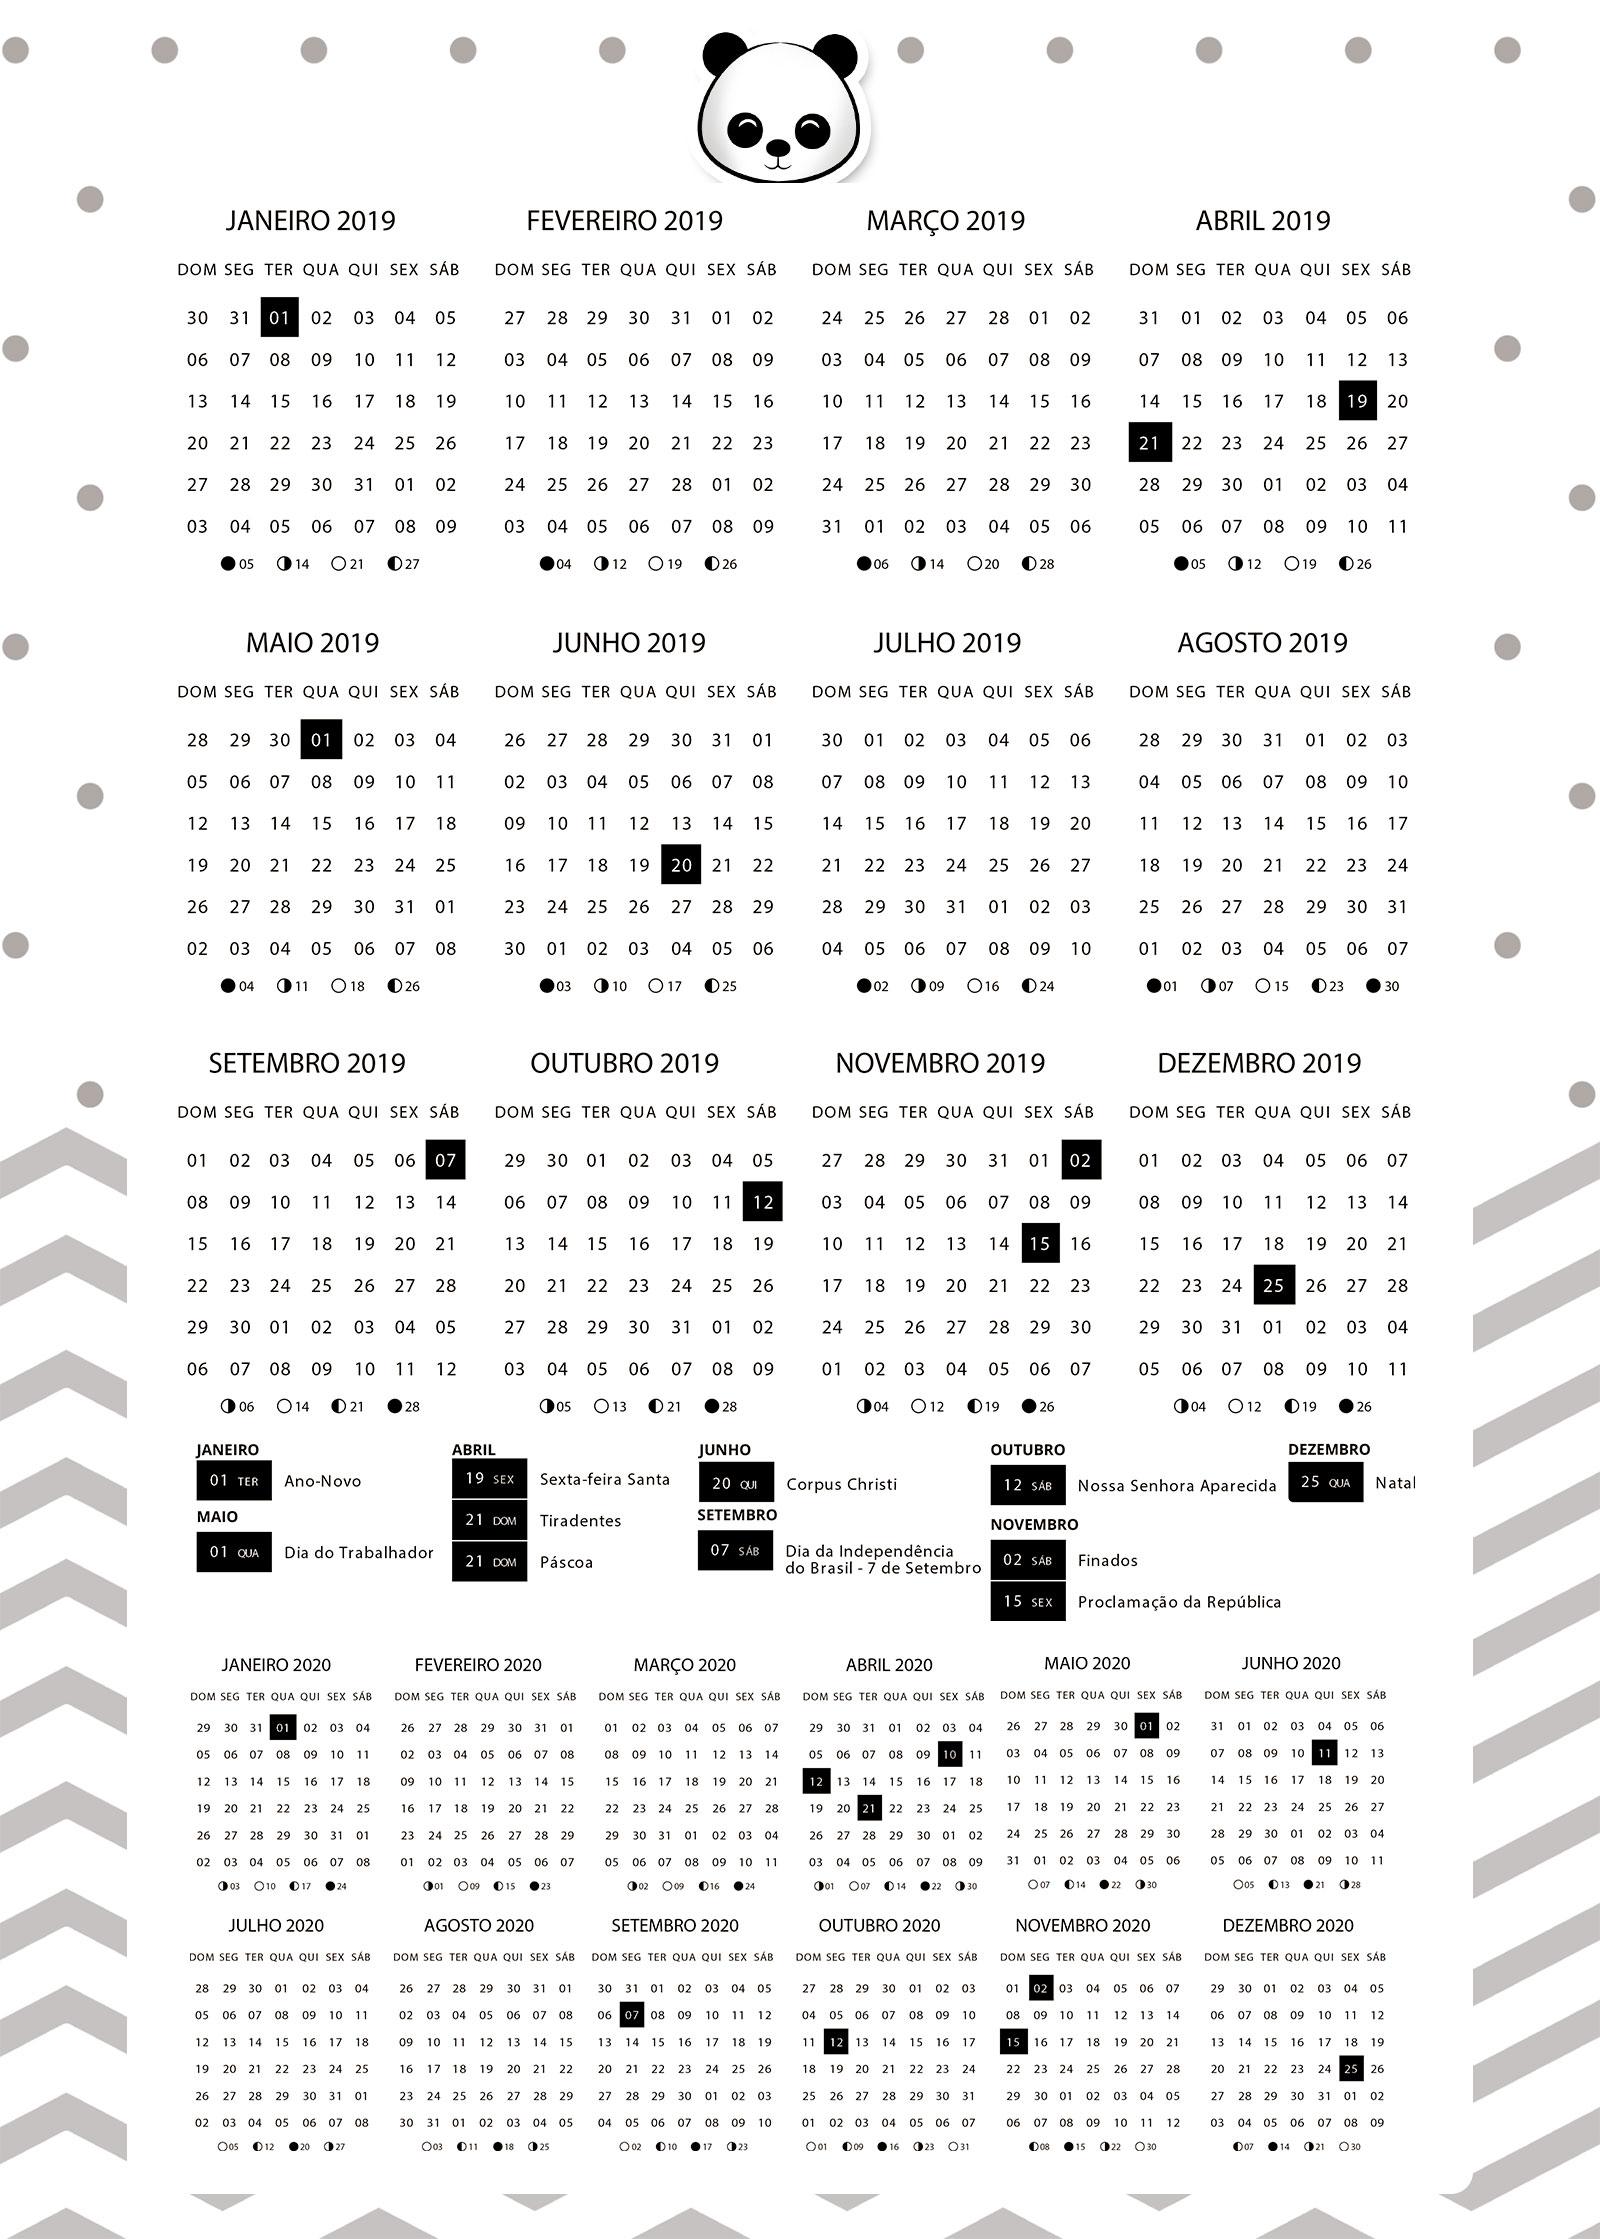 Calendario 2020 Com Feriados Para Impressao.Planner 2019 Panda Menino Calendario 2019 E 2020 Fazendo A